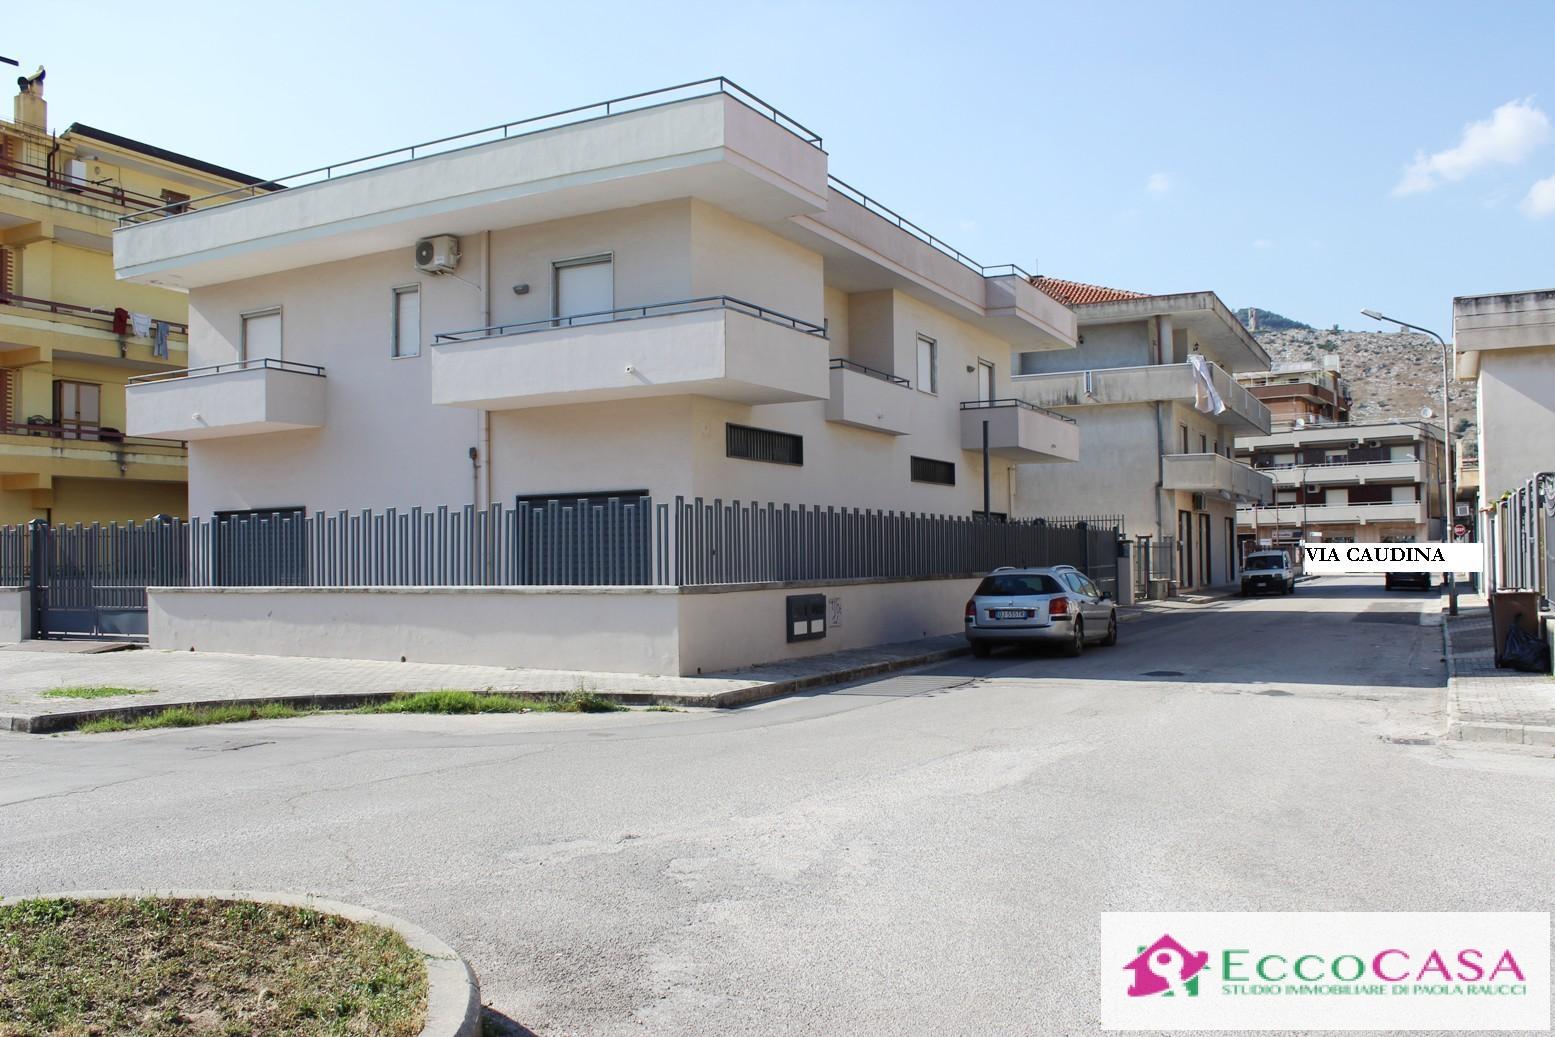 Negozio / Locale in affitto a Maddaloni, 9999 locali, prezzo € 900 | CambioCasa.it